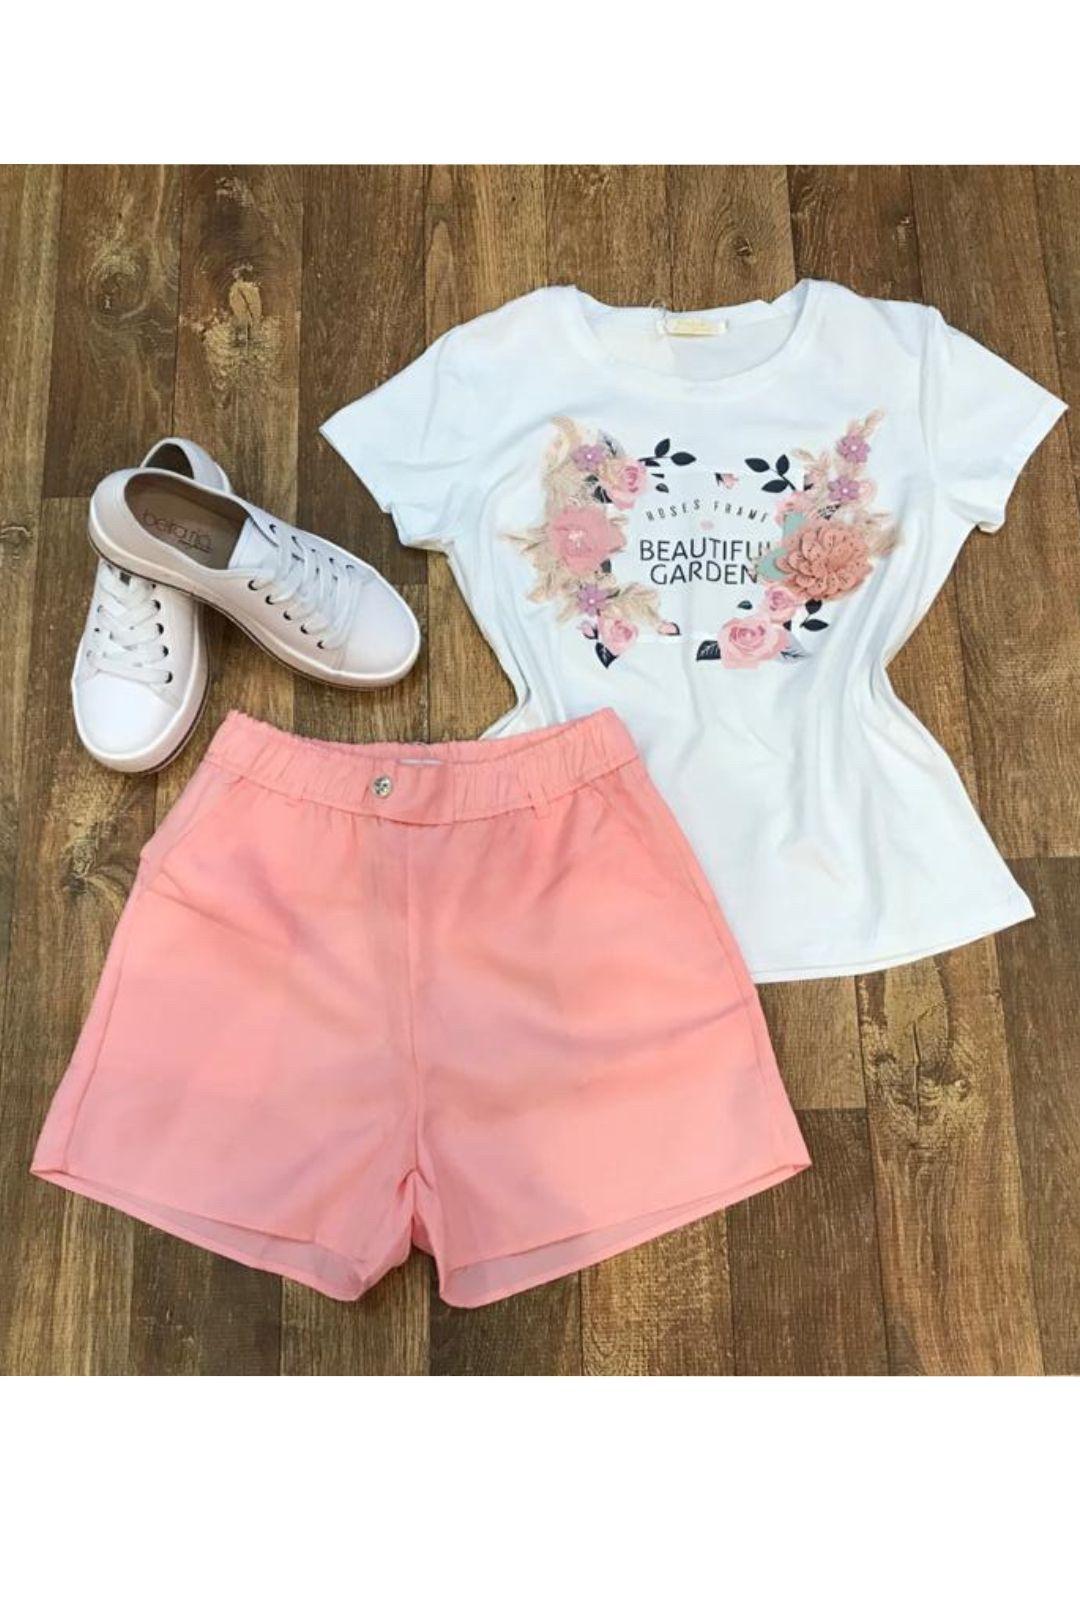 Shorts Feminino Rosa Menina  - ModaStore | Moda Feminina